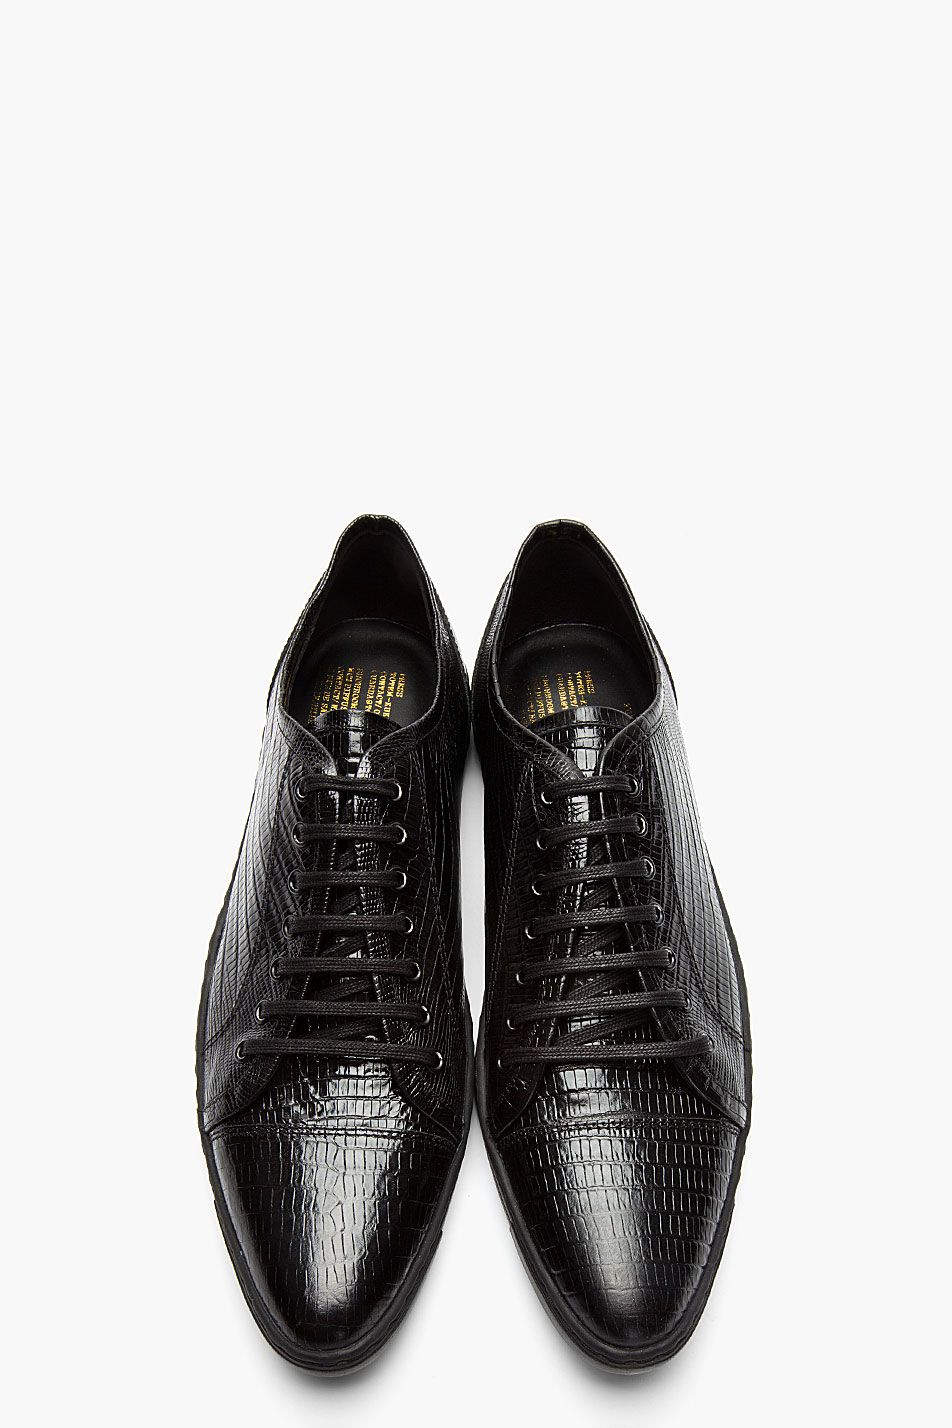 06559ffb0df316 JUUN.J Black Patent Leather Croc-Embossed Dress Sneakers